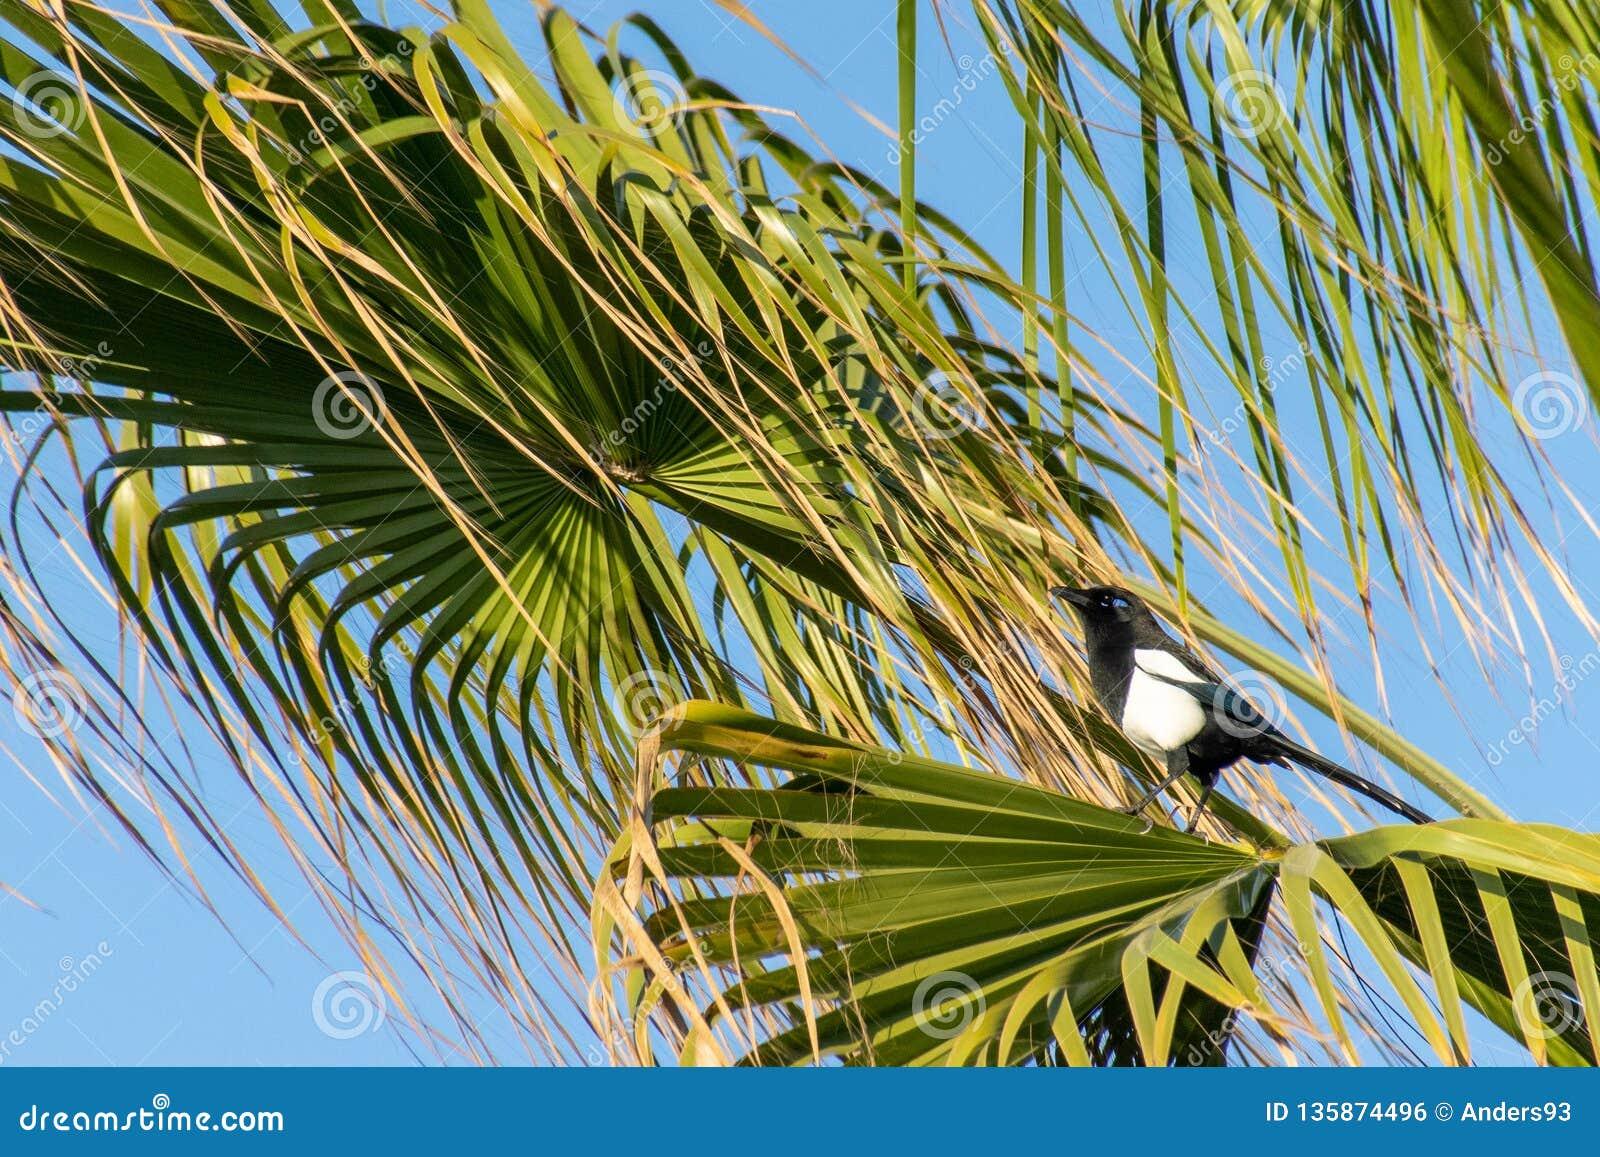 马格里布鹊在一棵热带棕榈树的12点活字mauritanica,阿加迪尔,摩洛哥